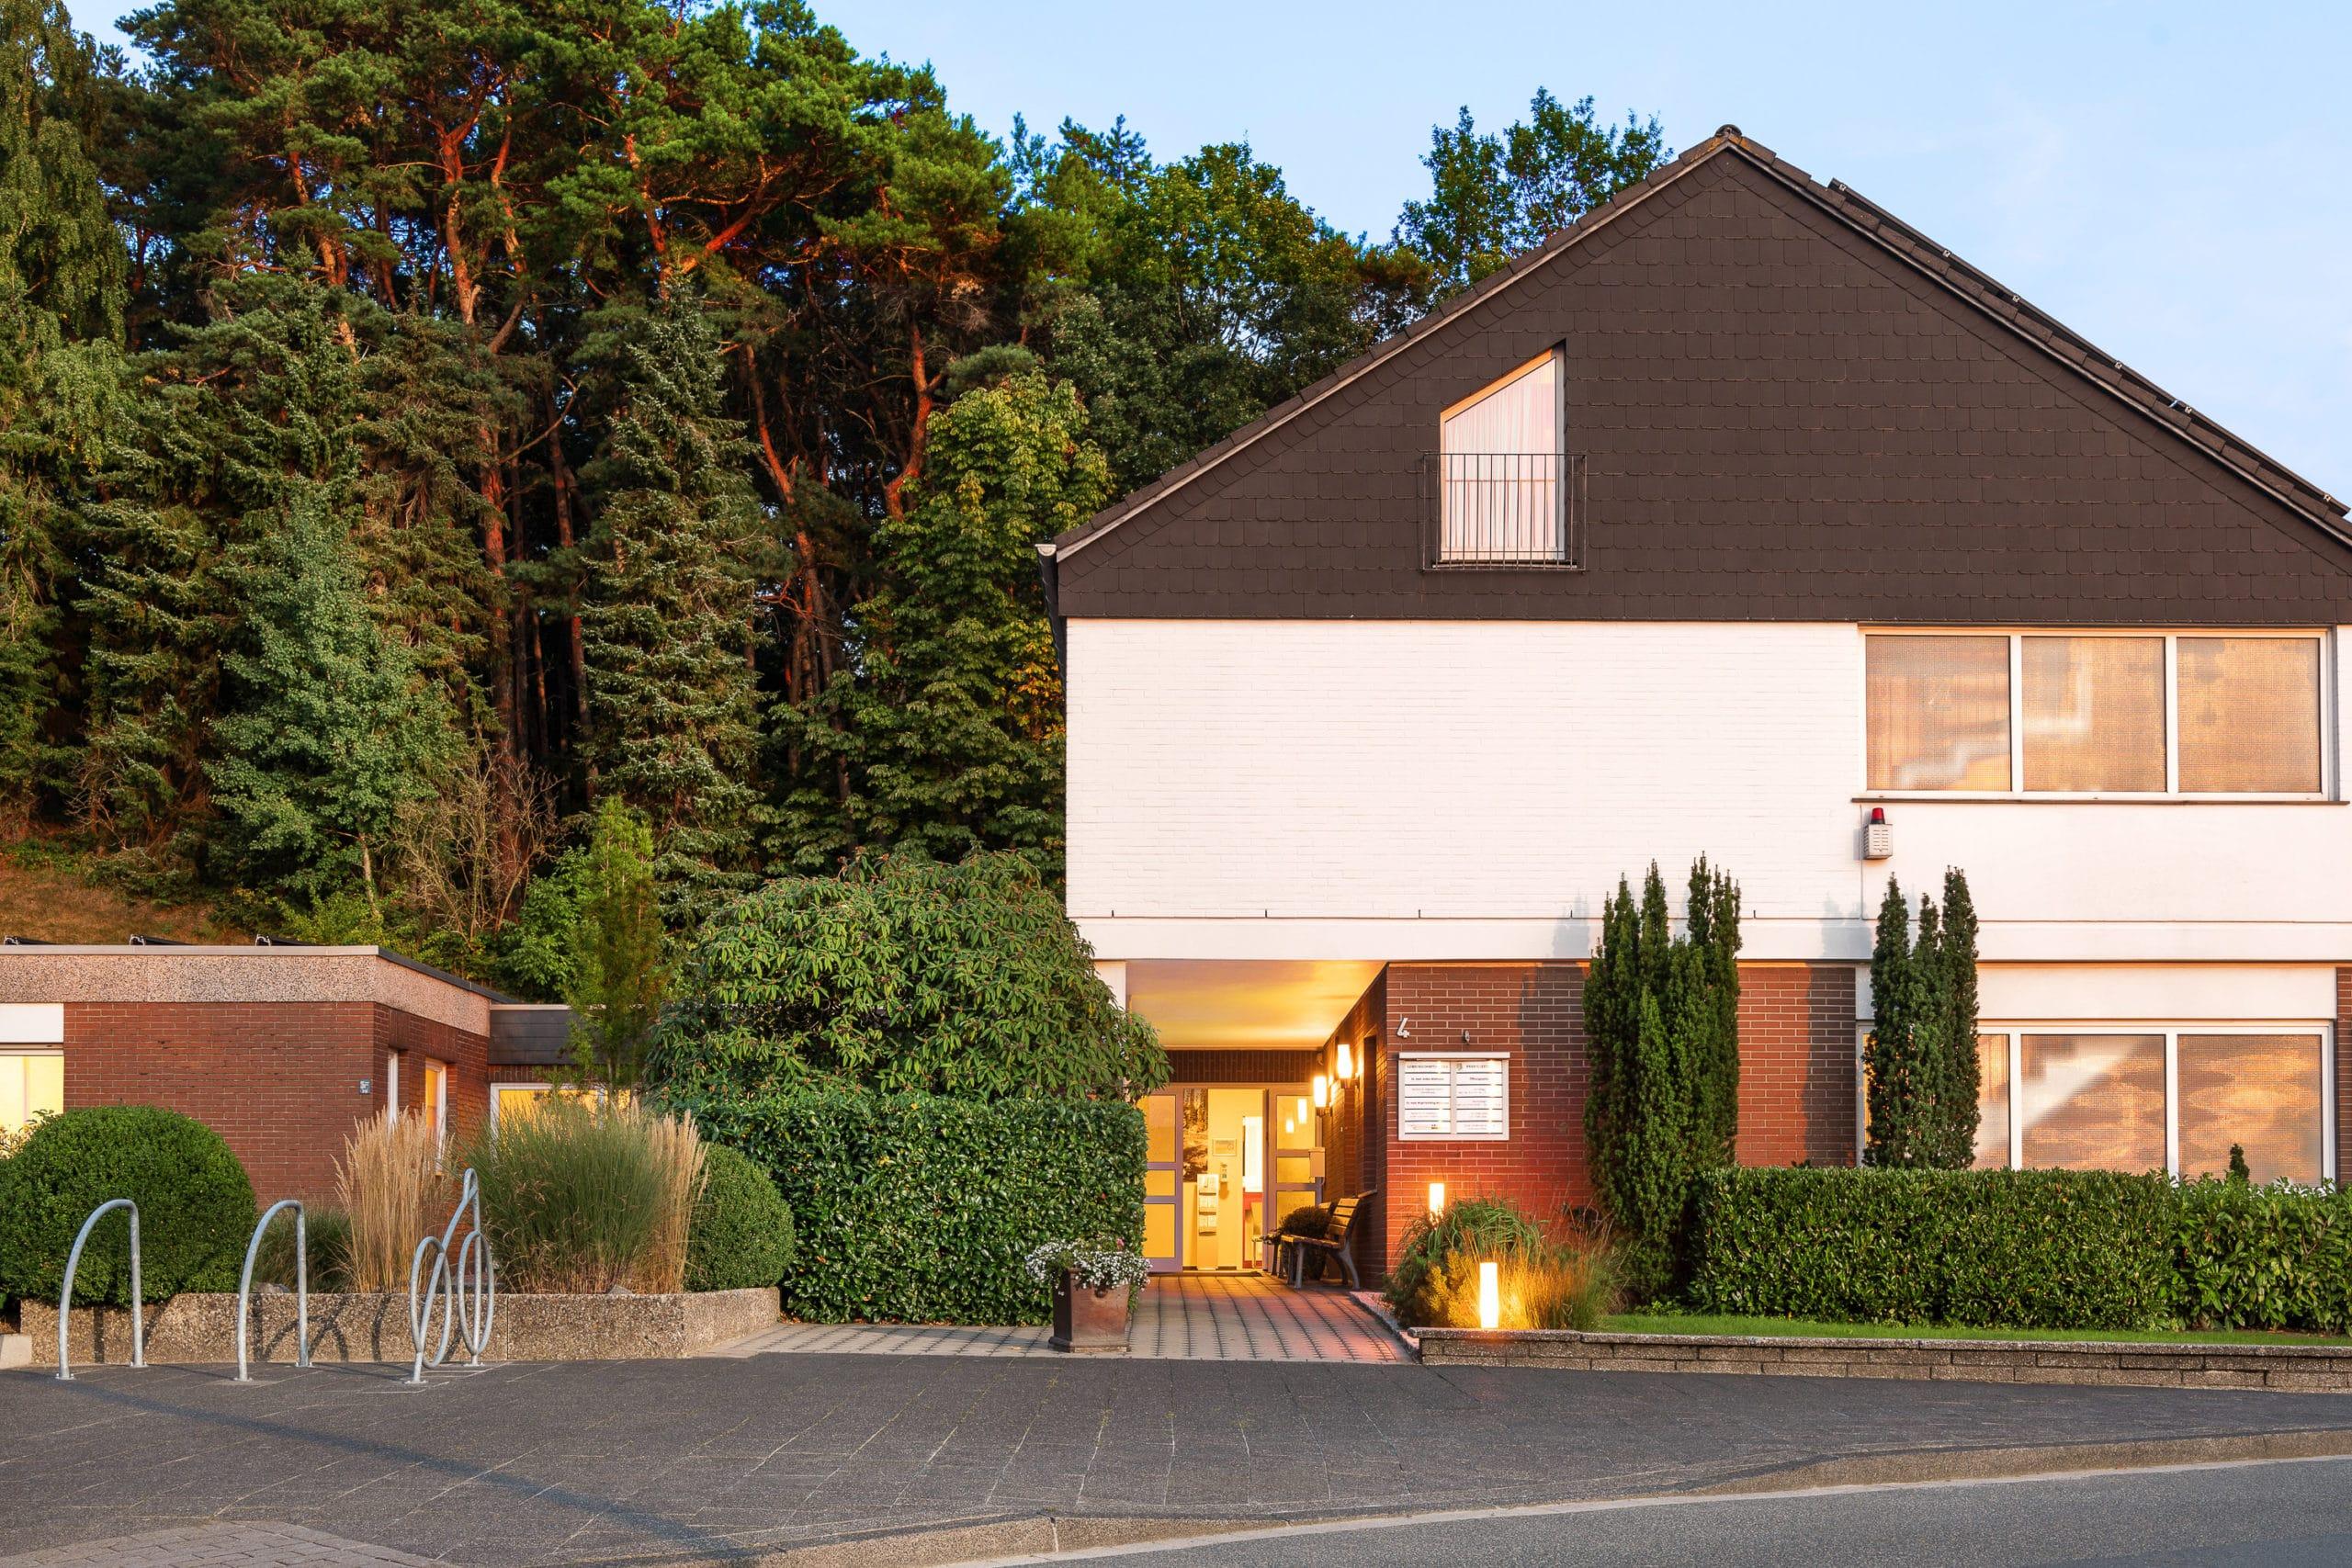 Frontale Architektur Außenaufnahme einer Arztpraxis im Tecklenburger Land  Architekturfotograf für Praxisfotografie in Osnabrück Münster Bielefeld NRW Niedersachsen und bundesweit